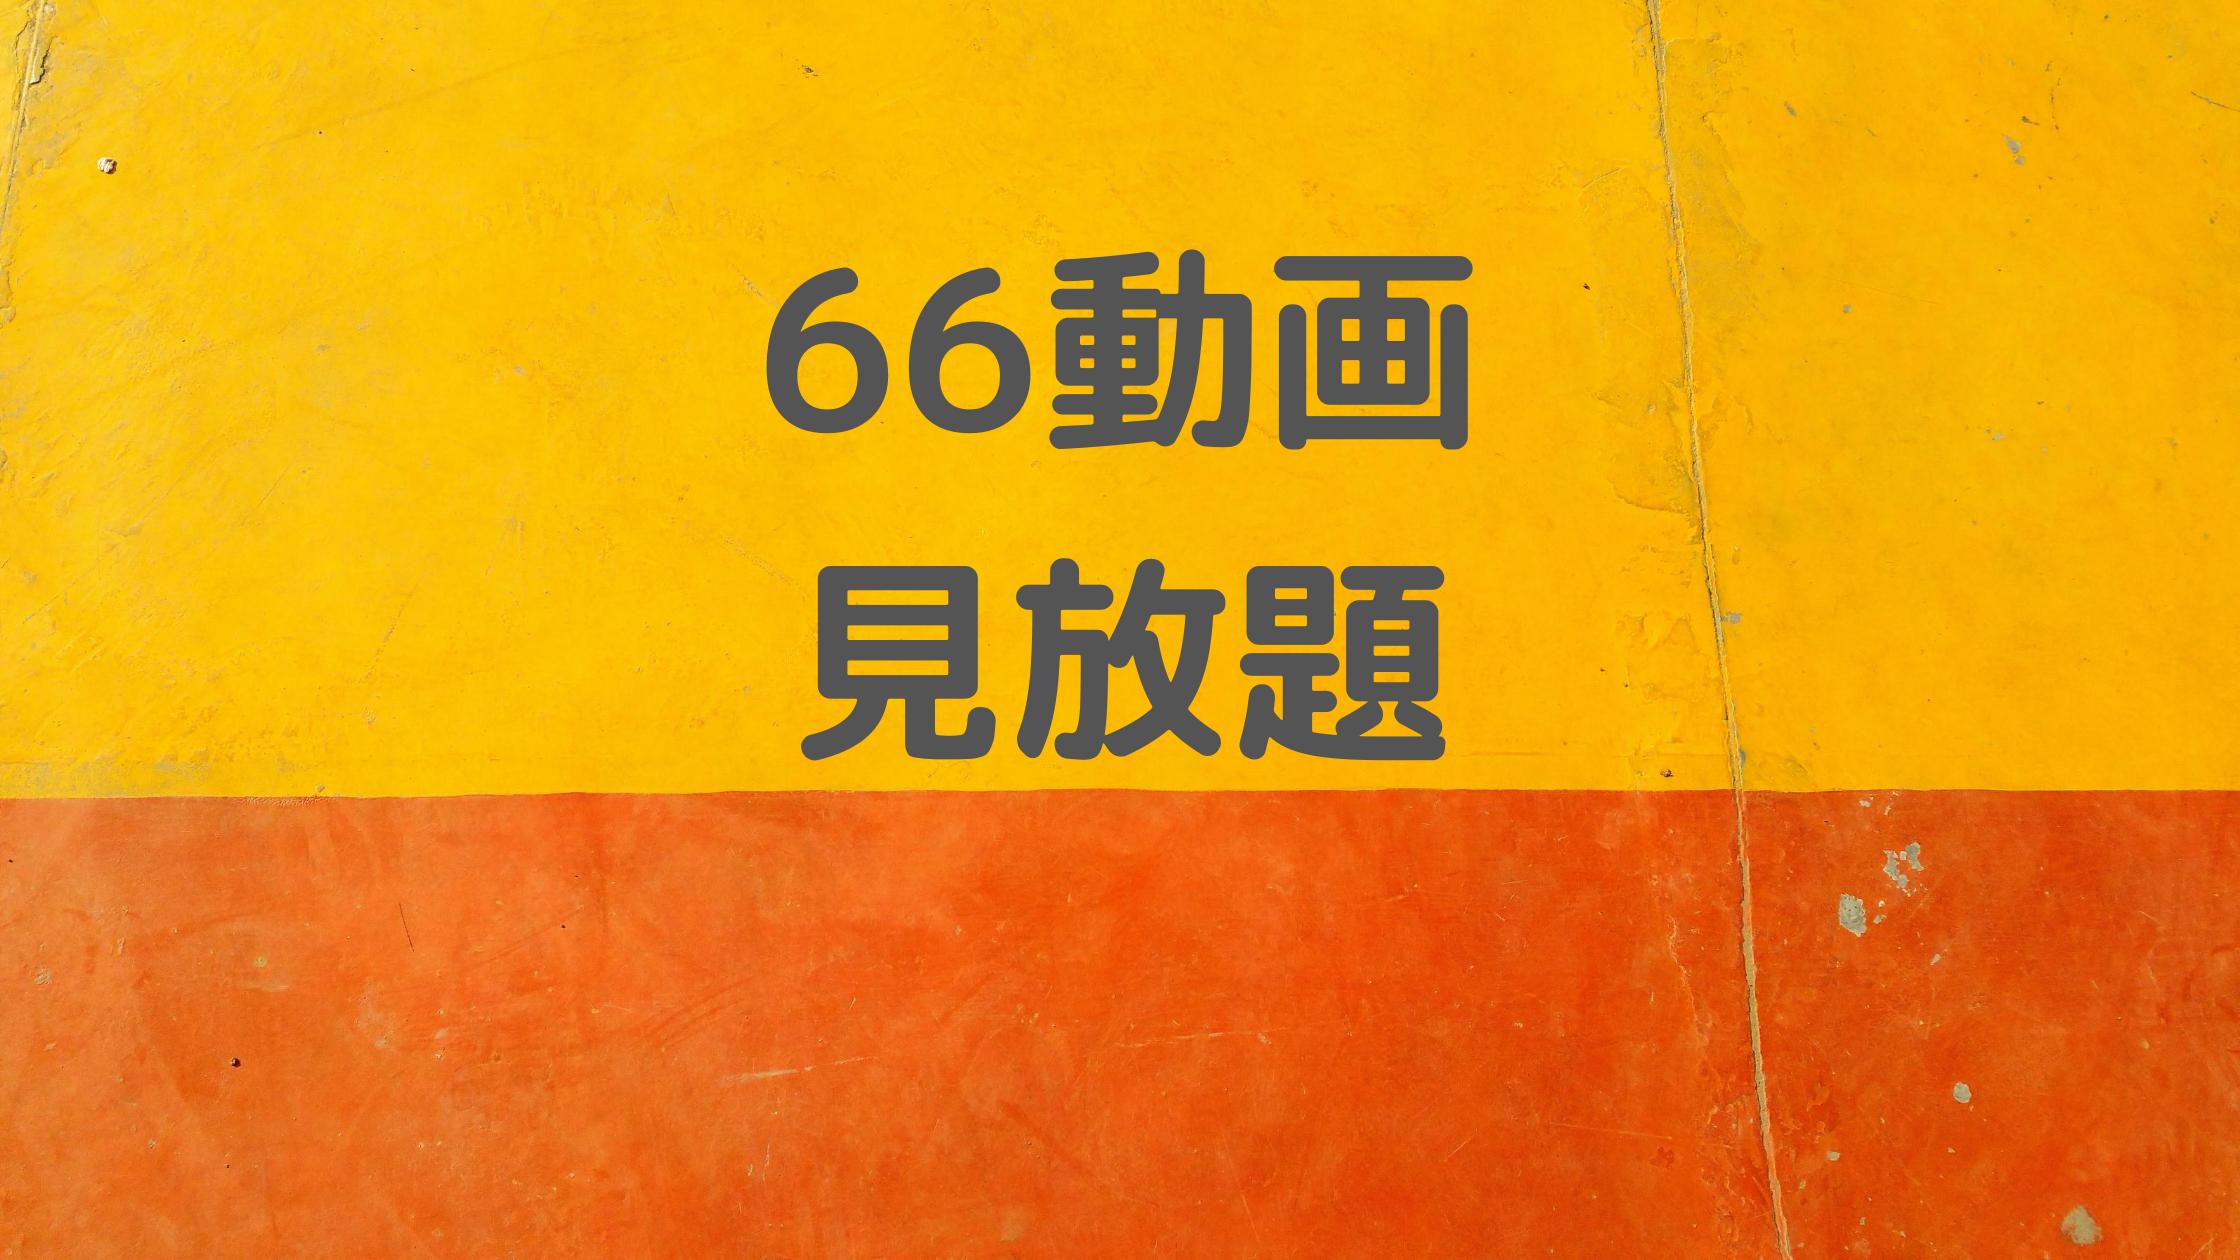 4級見放題-66動画